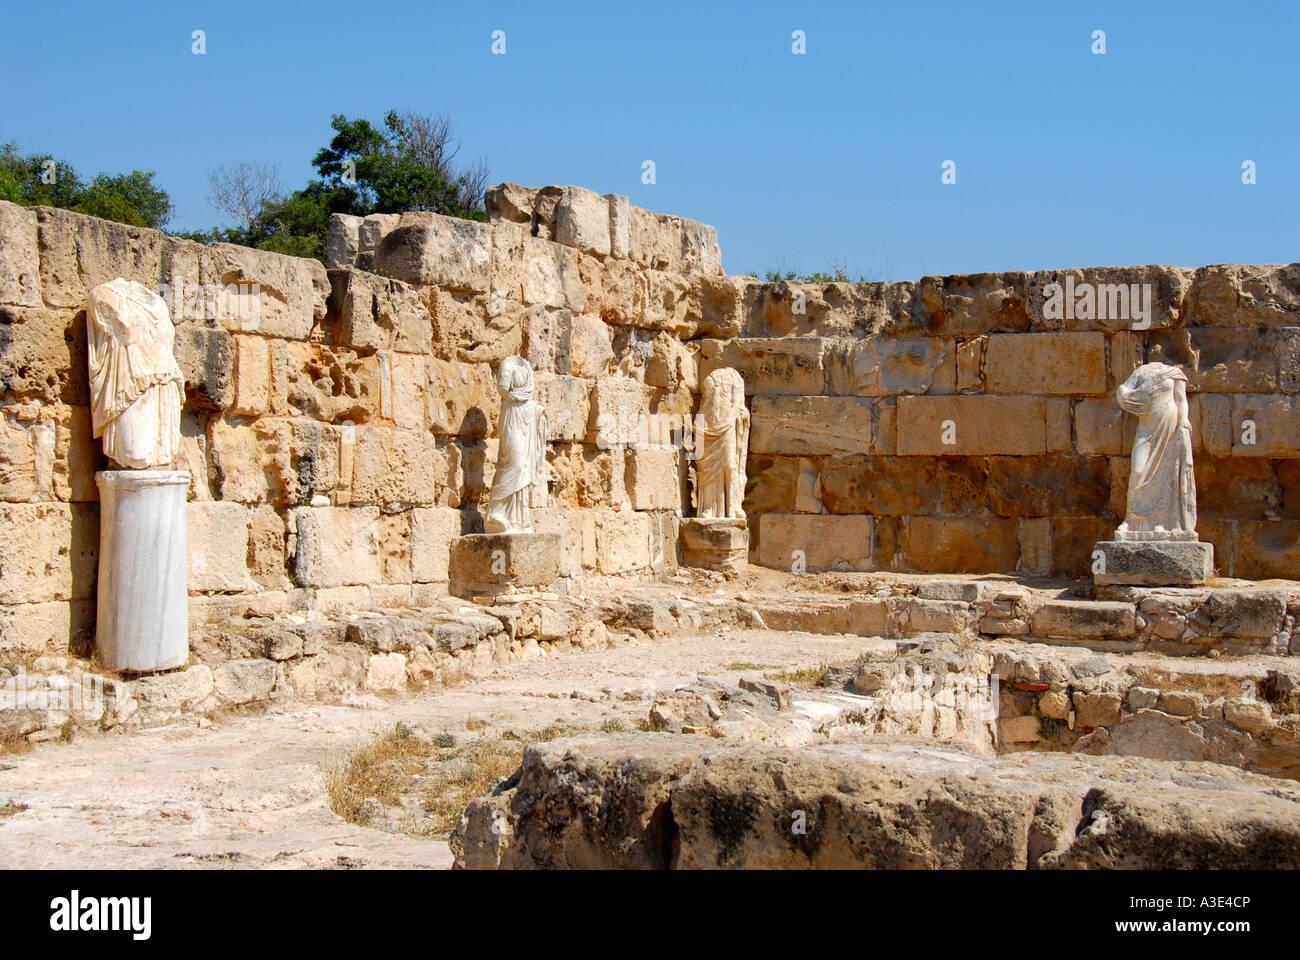 Statues antiques site archéologique sans tête Salamine de Chypre du Nord Photo Stock